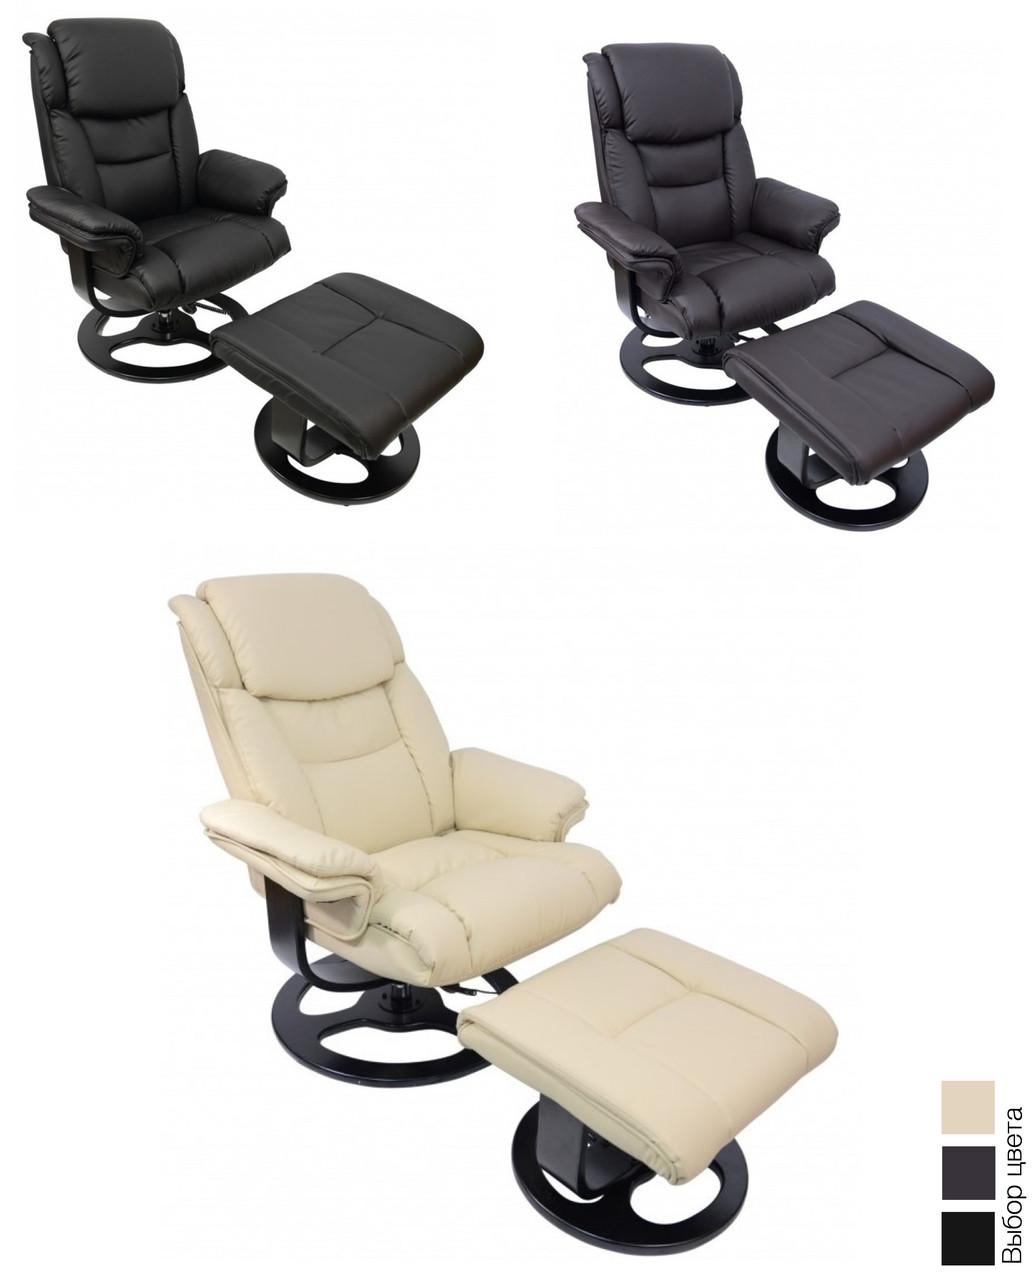 Офисное компьютерное кресло Bonro 5099 массажное с пуфом (офісне комп'ютерне крісло масажне для дома)